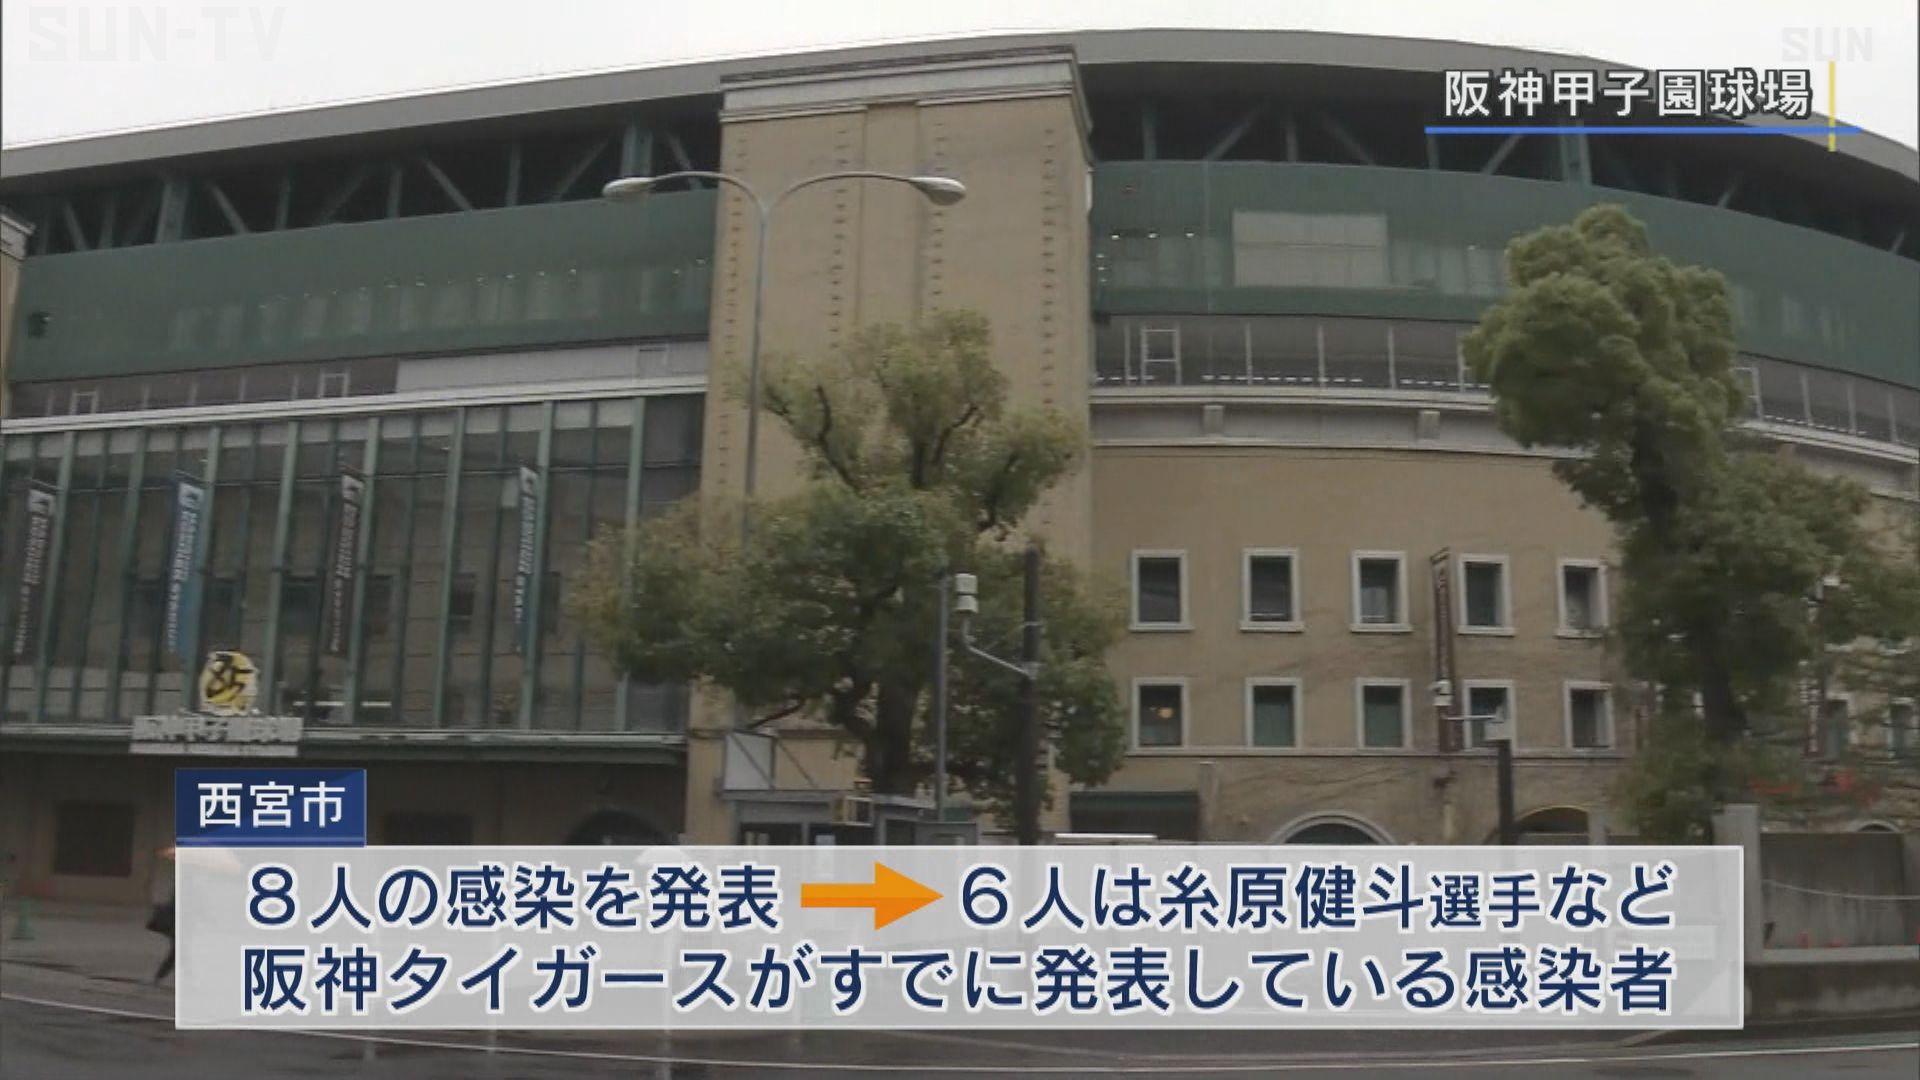 選手 コロナ 阪神